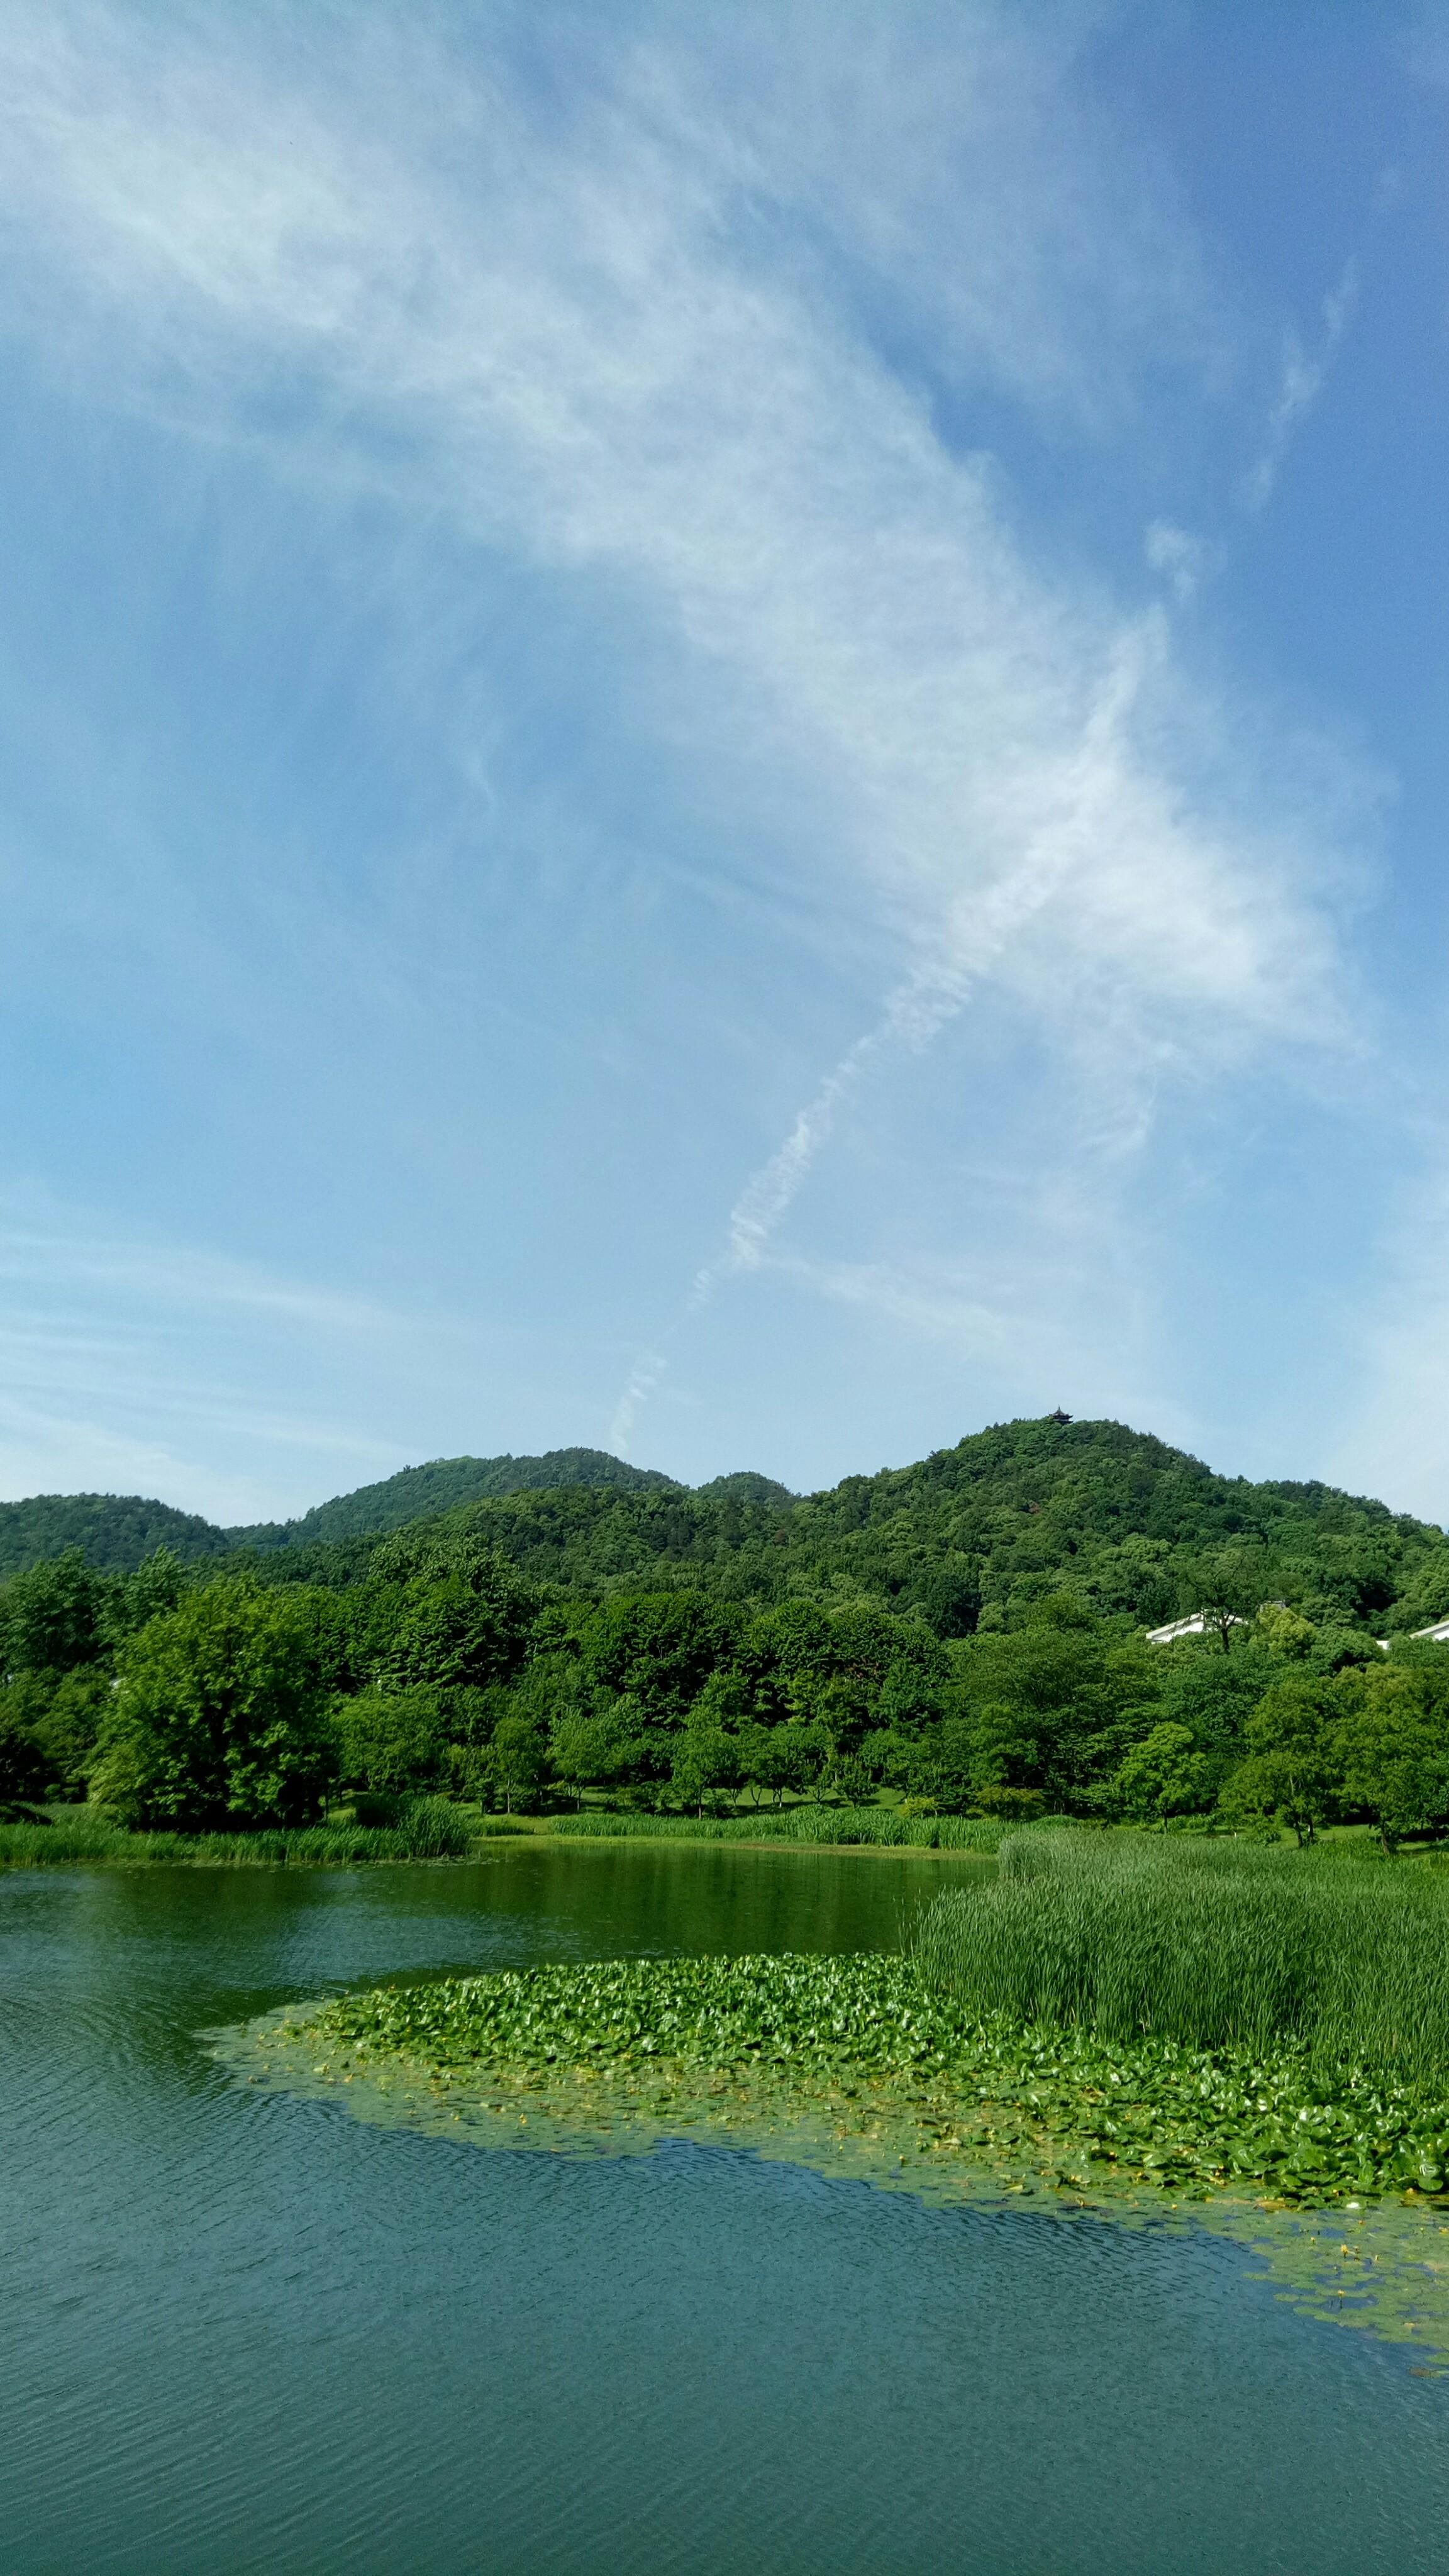 蓝天白云,青山绿水.